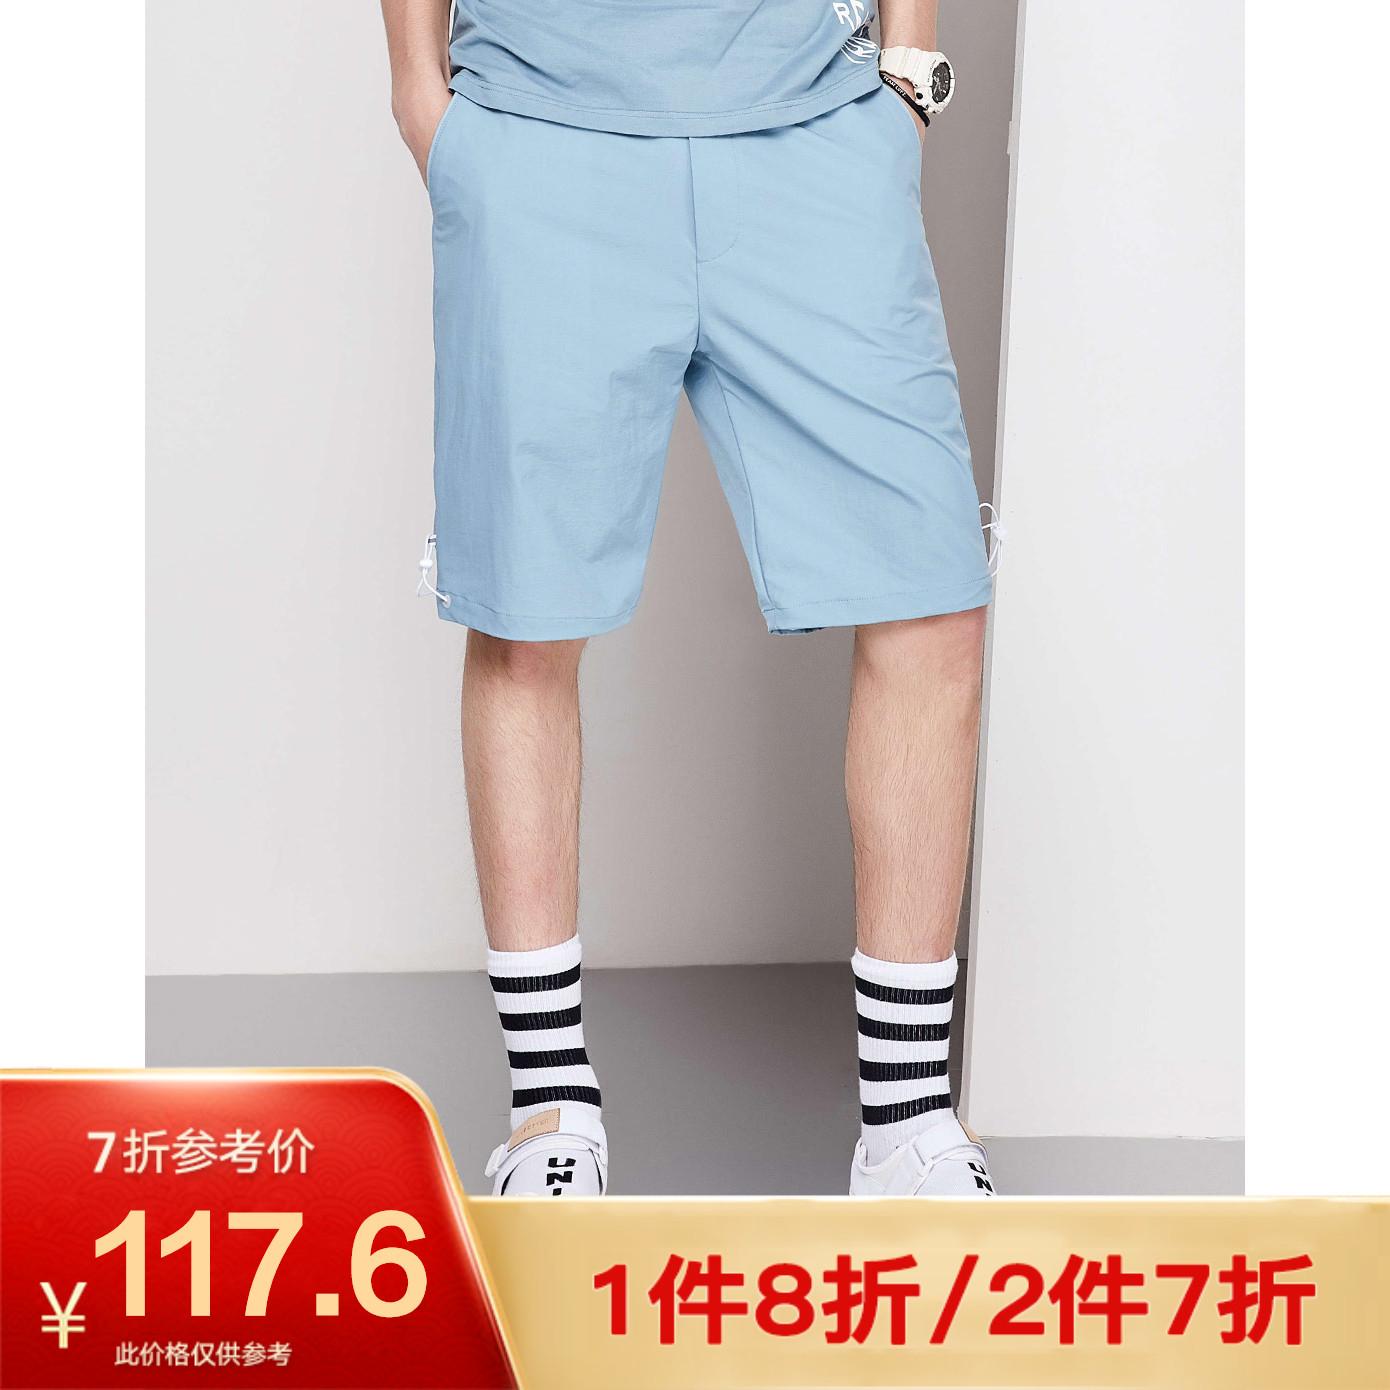 【秒杀】马克华菲男装夏季v男装男短裤裤子a男装颜色